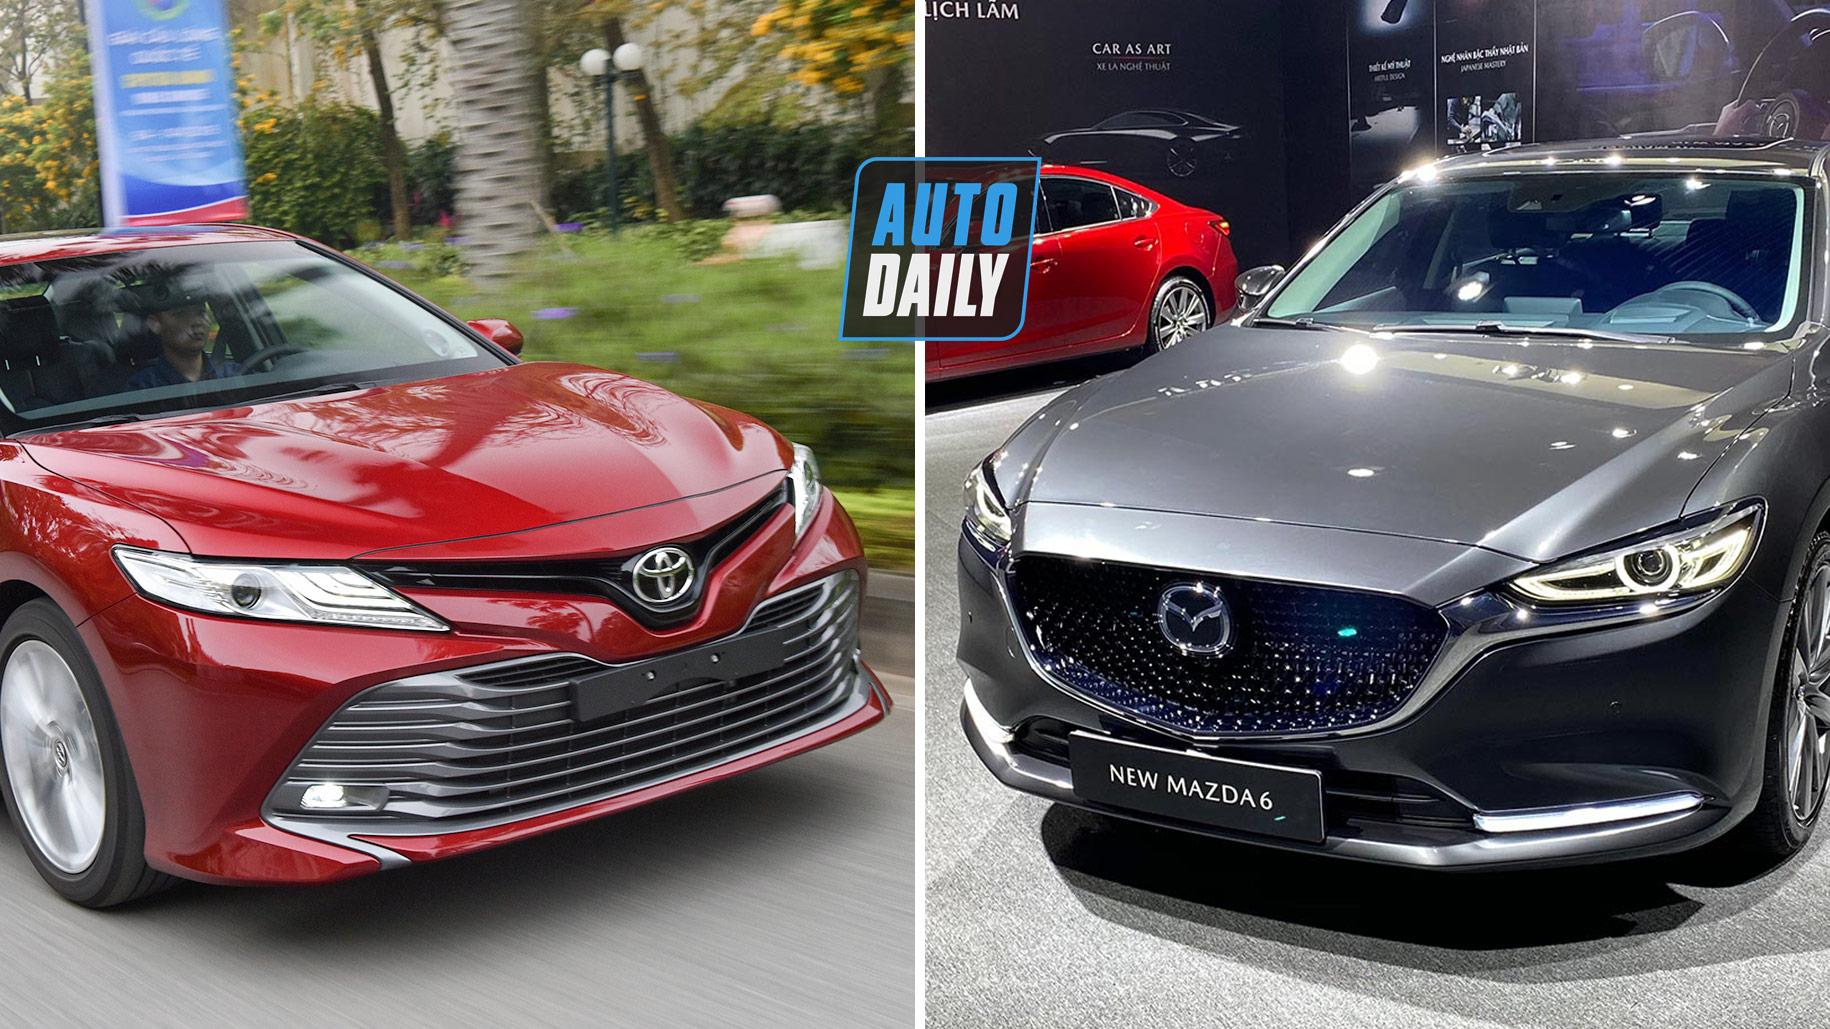 New Mazda6 2020 so kè Toyota Camry: Chọn sedan hạng D nào?